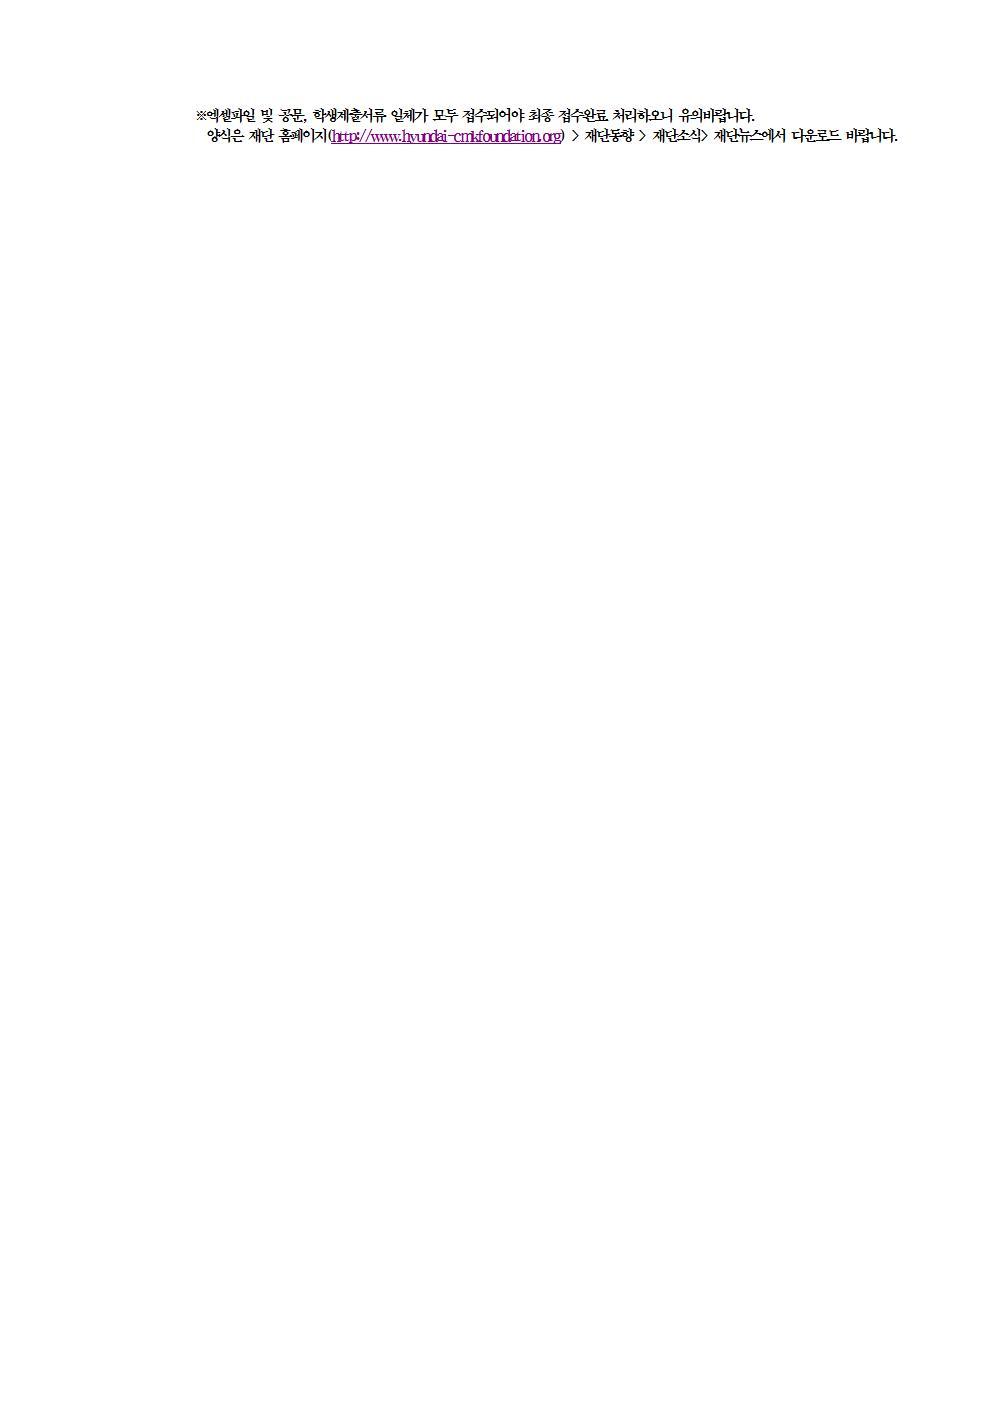 [안내문] 2017년 기초학문 대학생 장학금 지원 안내문(학생 공지용) (1)003.jpg